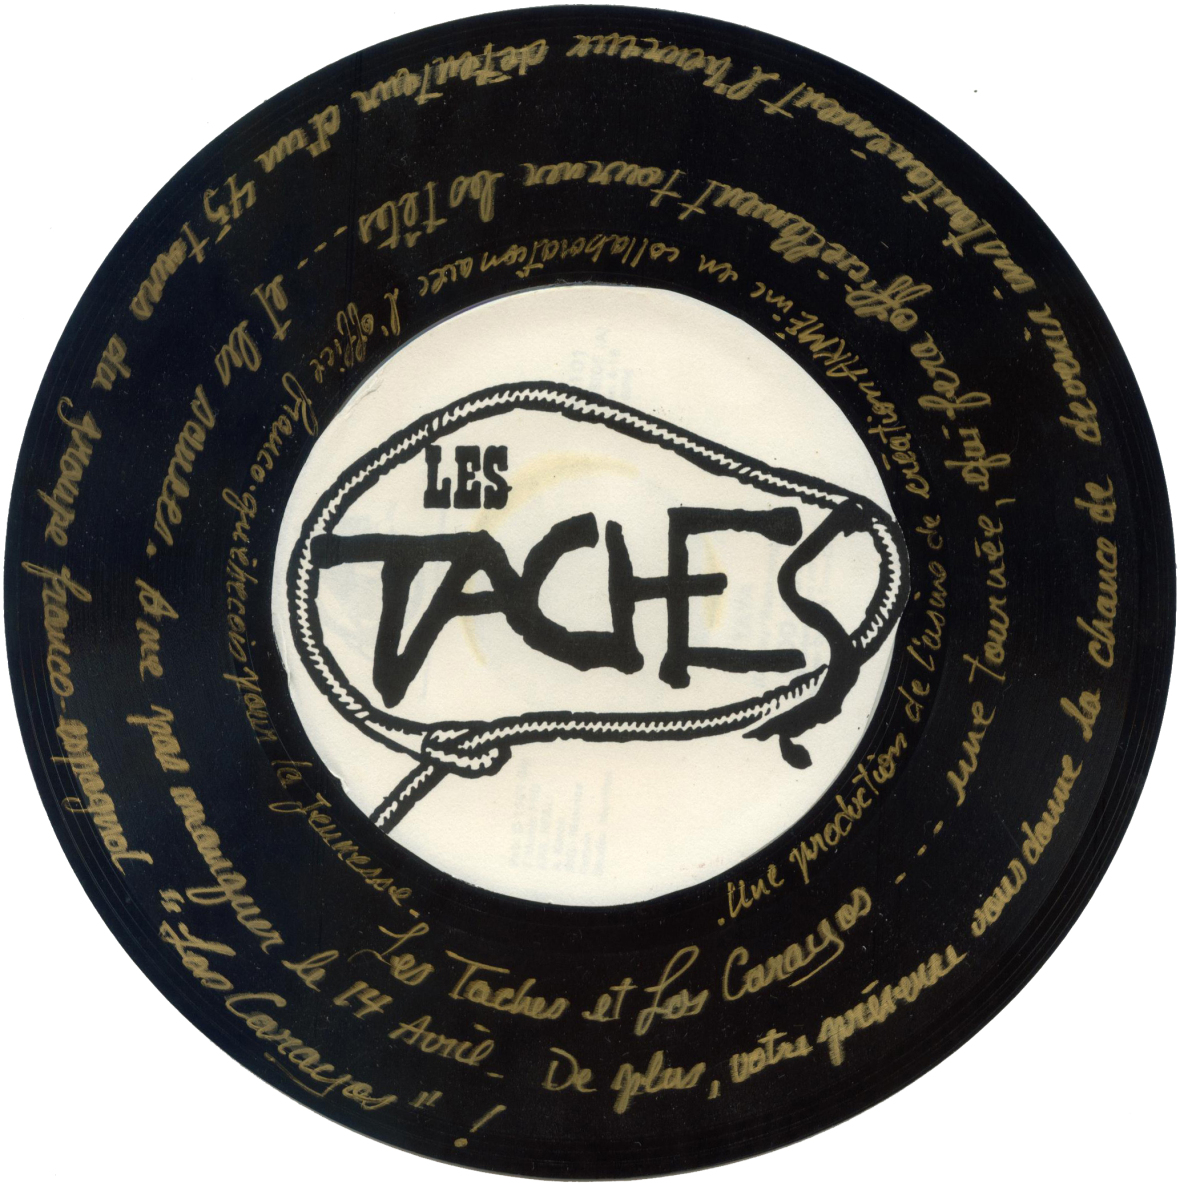 Invitation pour le lancement de l'album des Taches, à la veille d'une tournée avec le groupe Los Carayos (qui partage la face B de ce simple). Et oui... il joue!